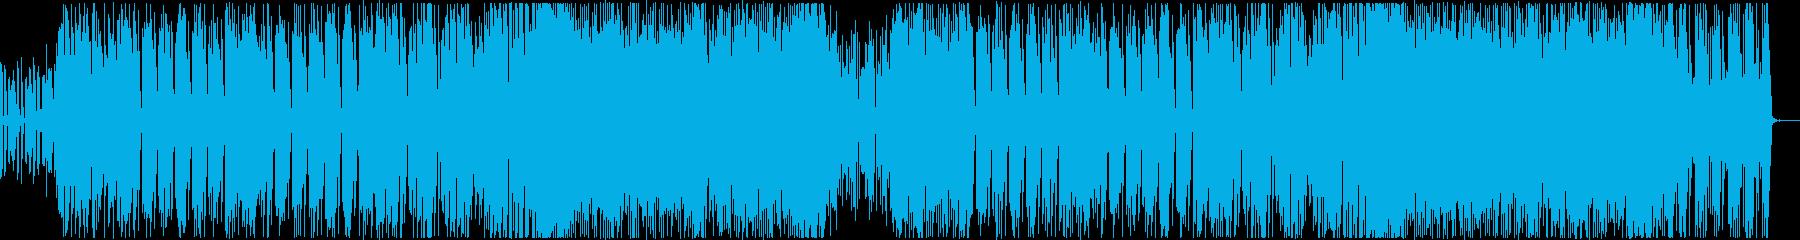 レトロでかわいいエレクトロテクノポップ!の再生済みの波形